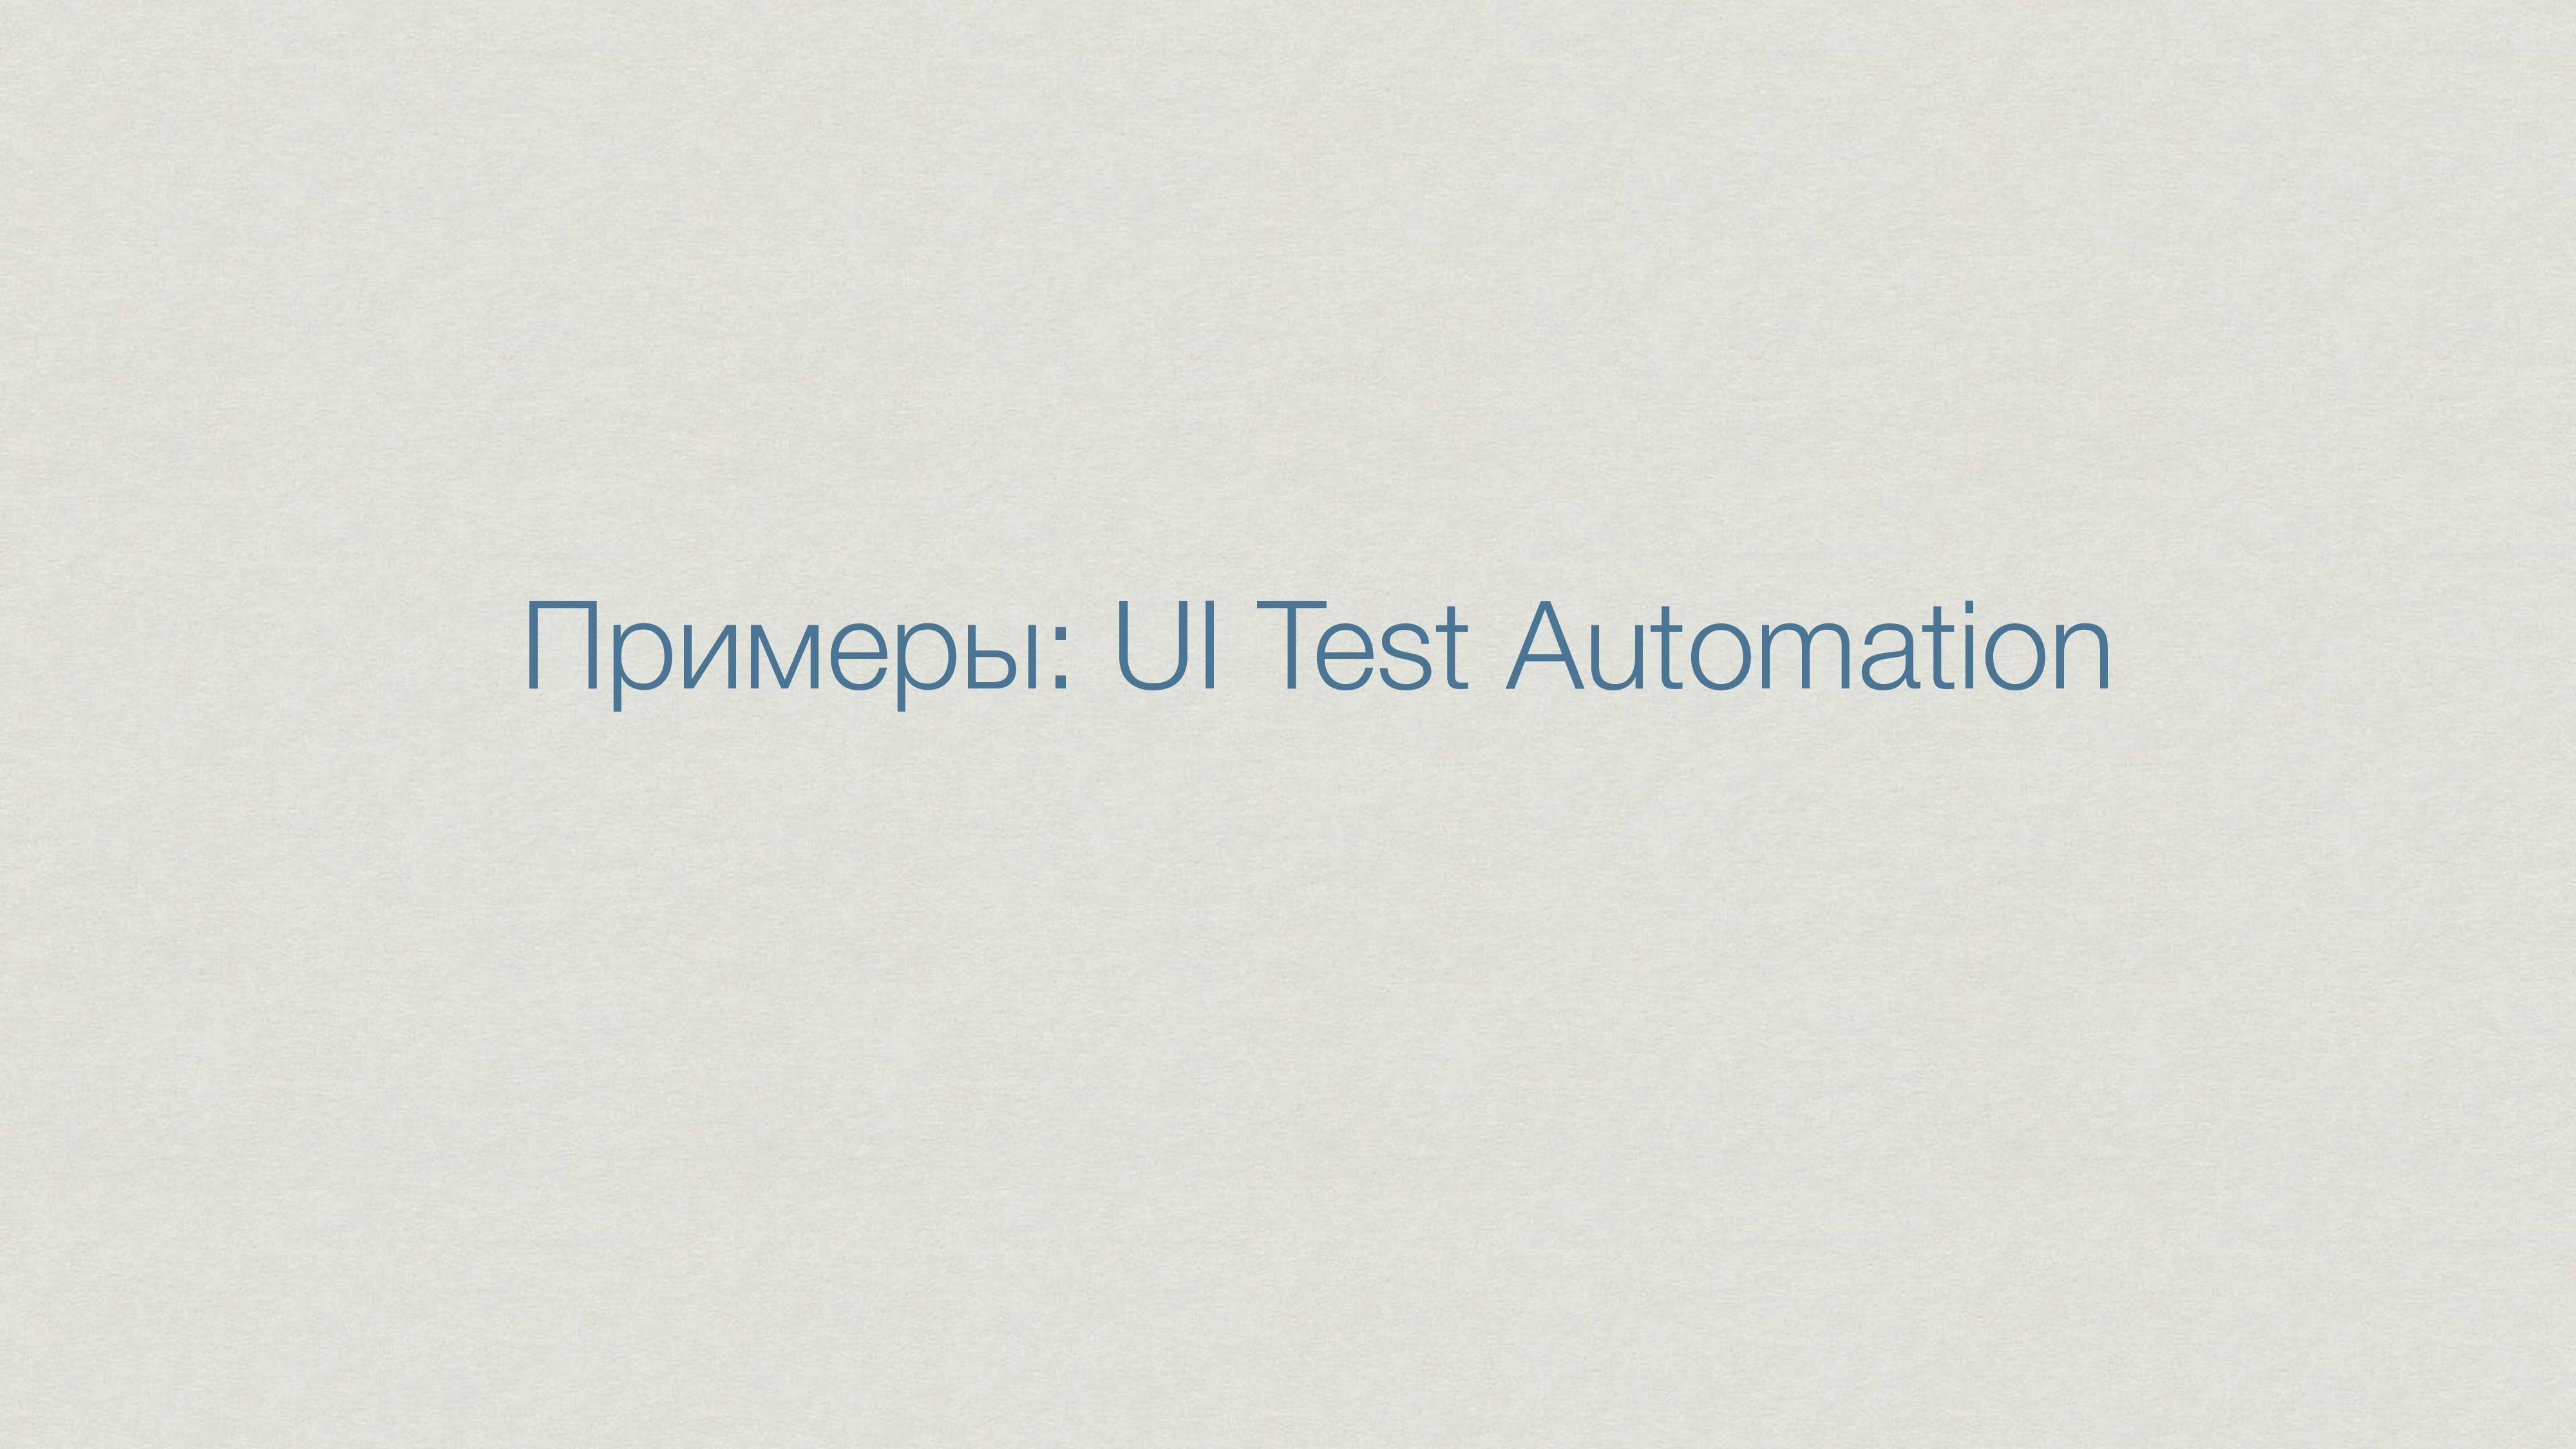 Примеры: UI Test Automation